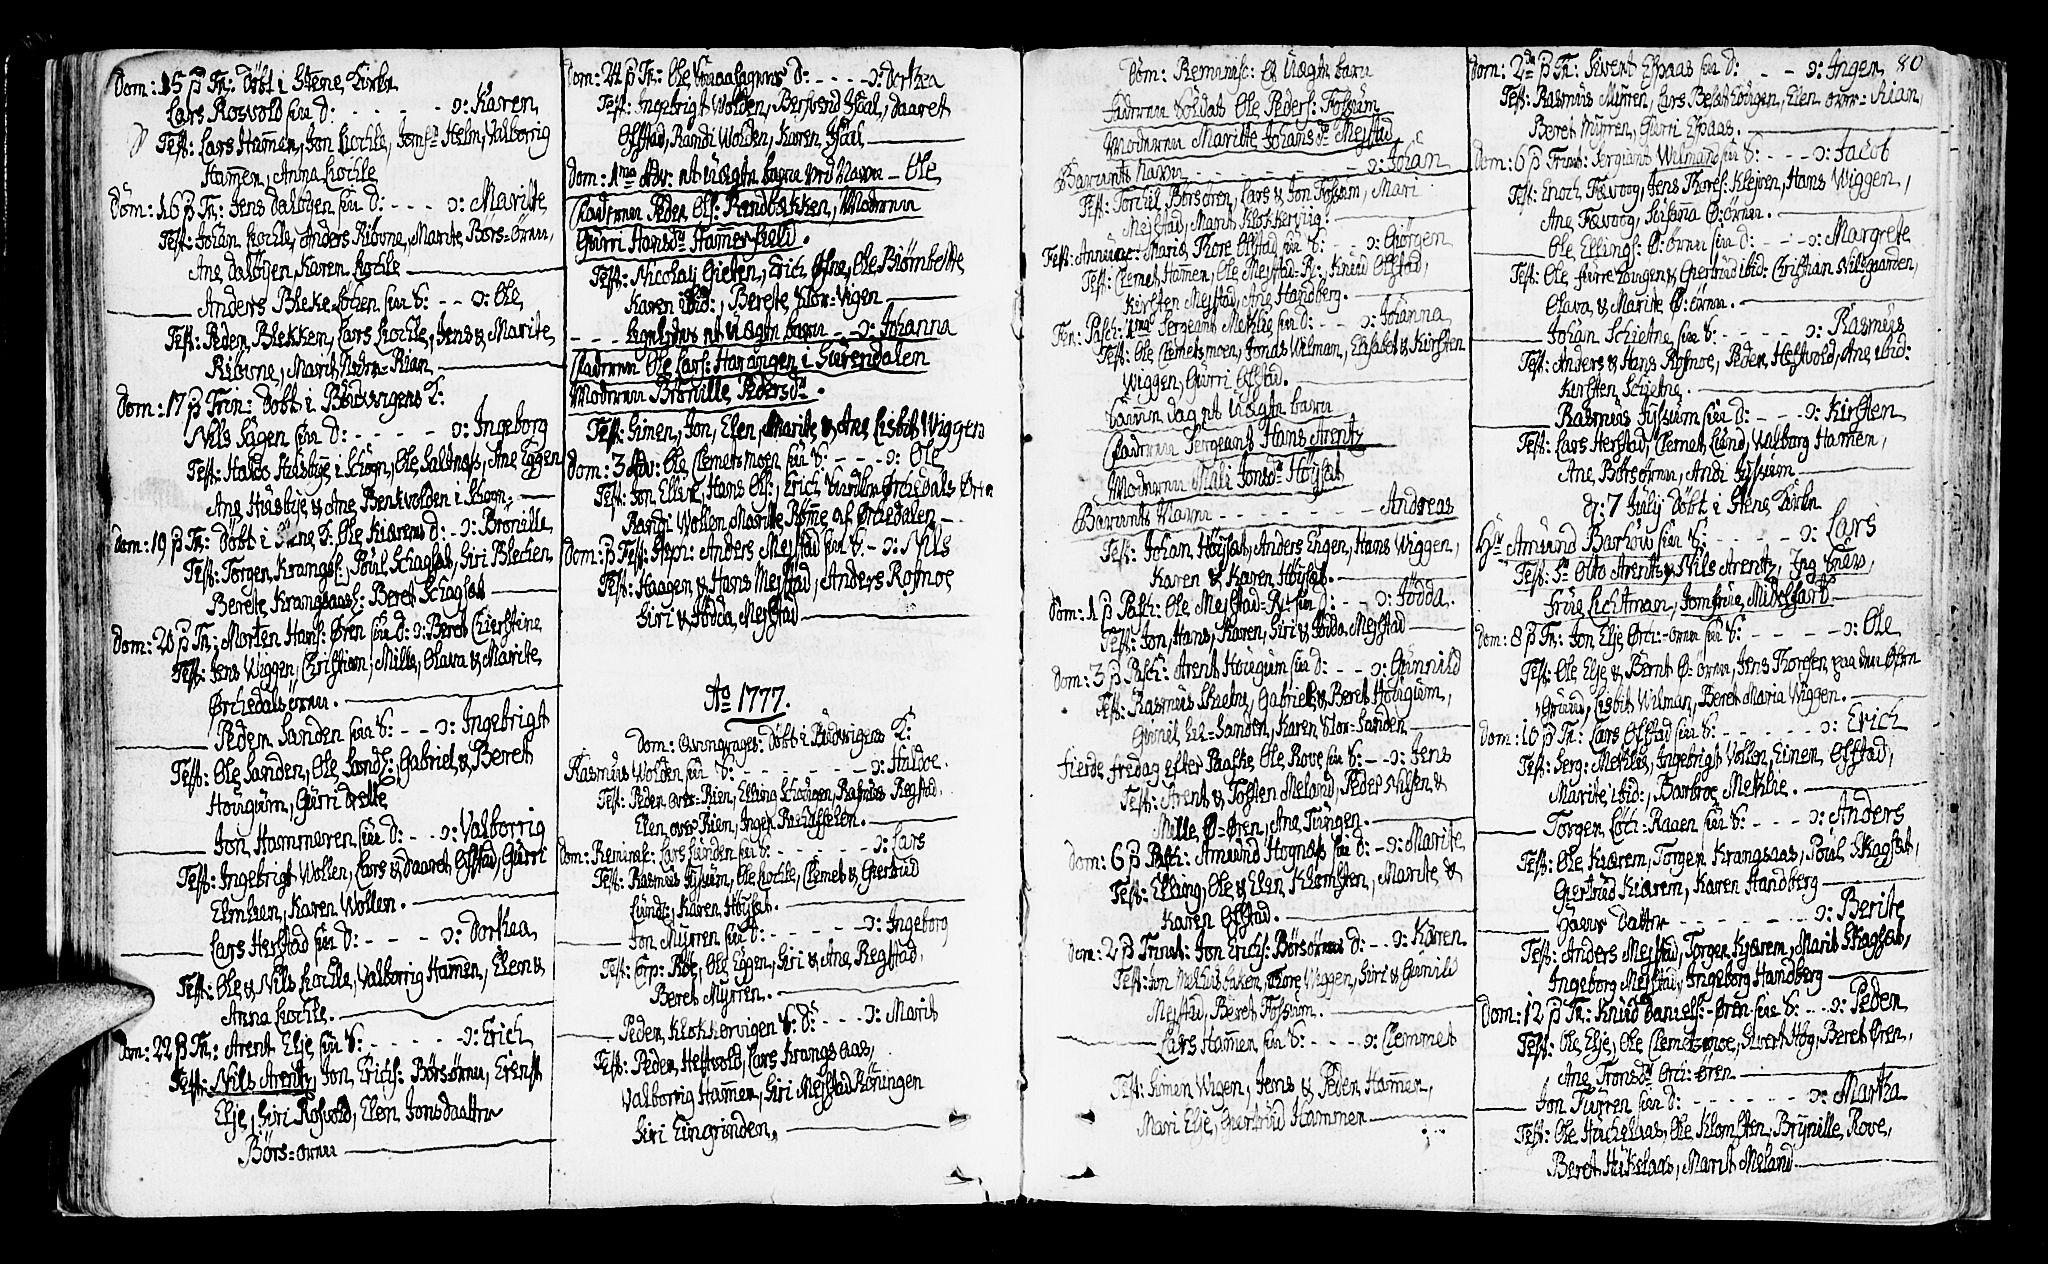 SAT, Ministerialprotokoller, klokkerbøker og fødselsregistre - Sør-Trøndelag, 665/L0768: Ministerialbok nr. 665A03, 1754-1803, s. 80